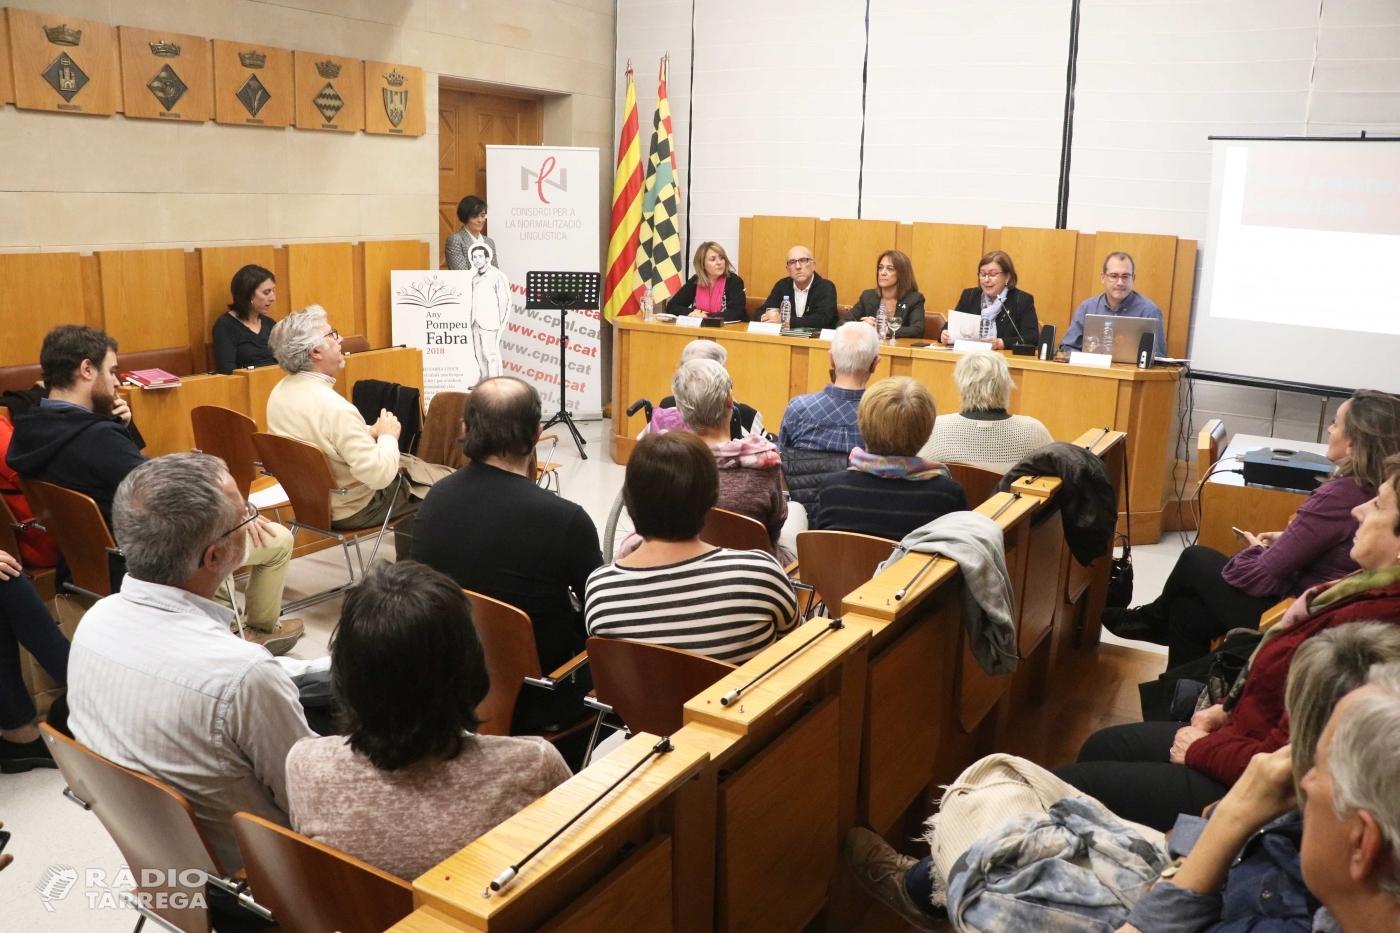 Tàrrega celebra l'Any Fabra amb una conferència del professor universitari David Paloma